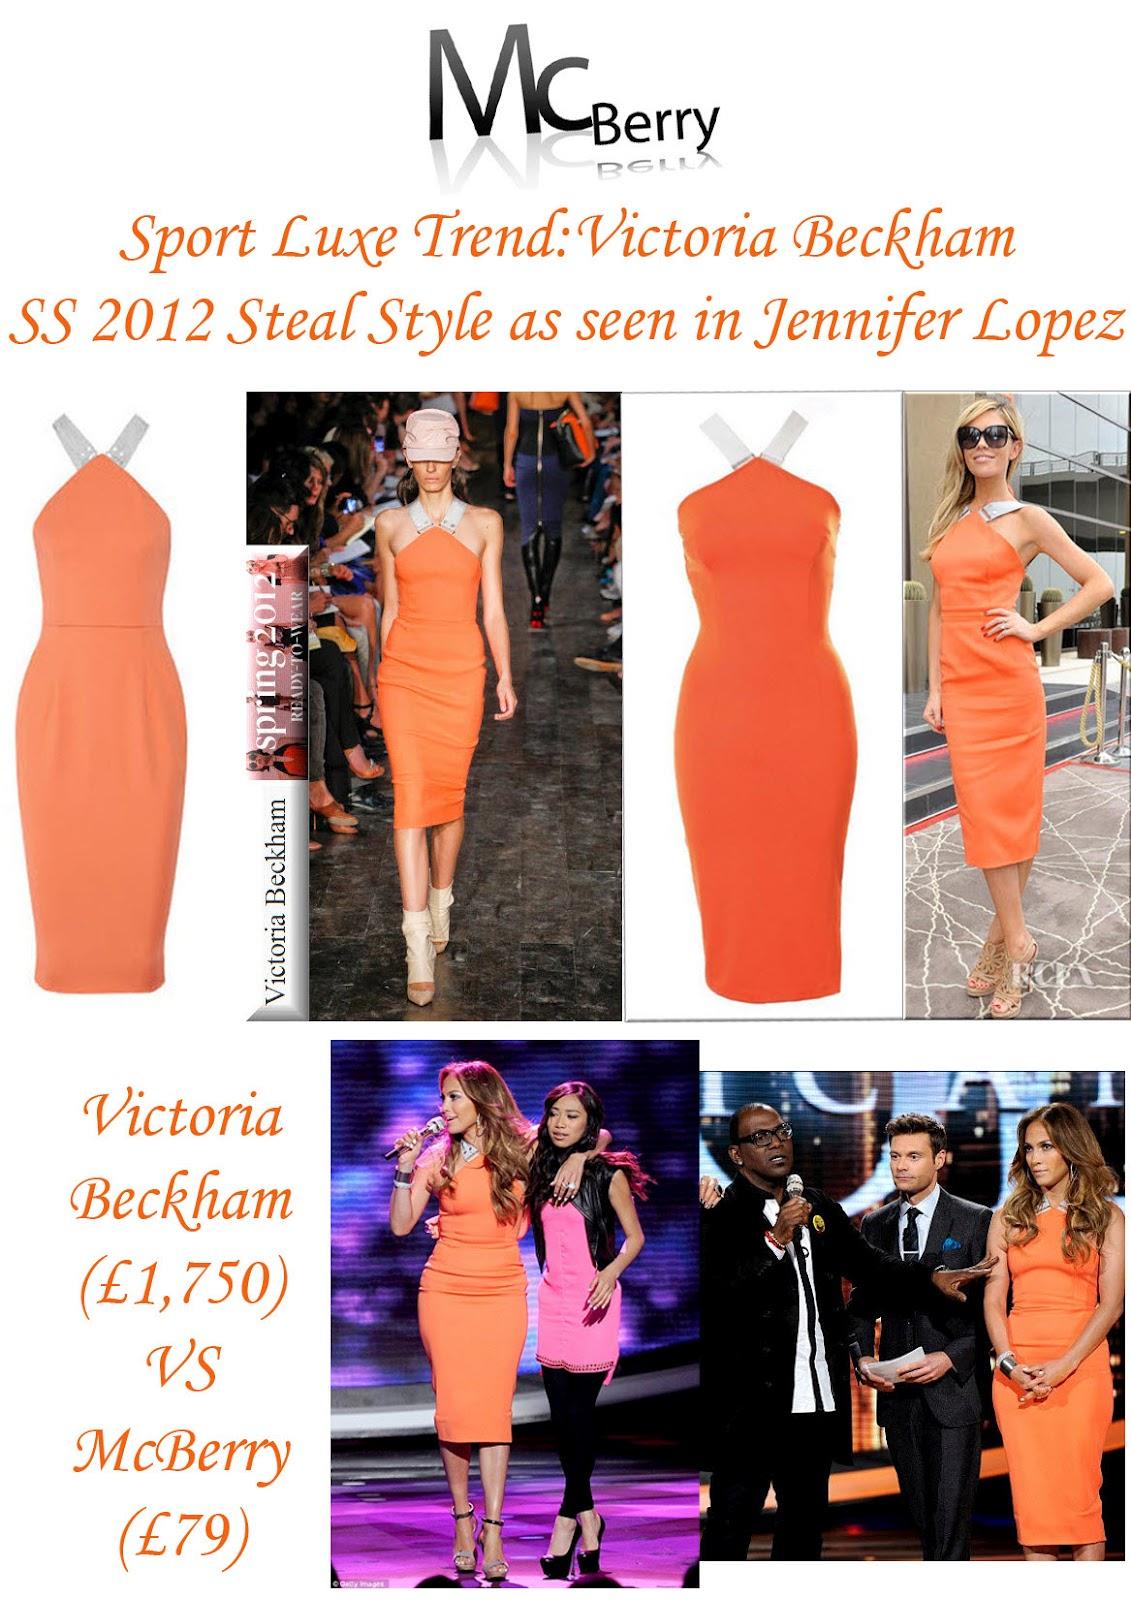 http://3.bp.blogspot.com/-qGdEqoMUuKE/UBh_jYpheoI/AAAAAAAAAm4/14t-sKBIx_g/s1600/Looksheet_Victoria+Beckham+Asymmetric+strappy+dress2.jpg